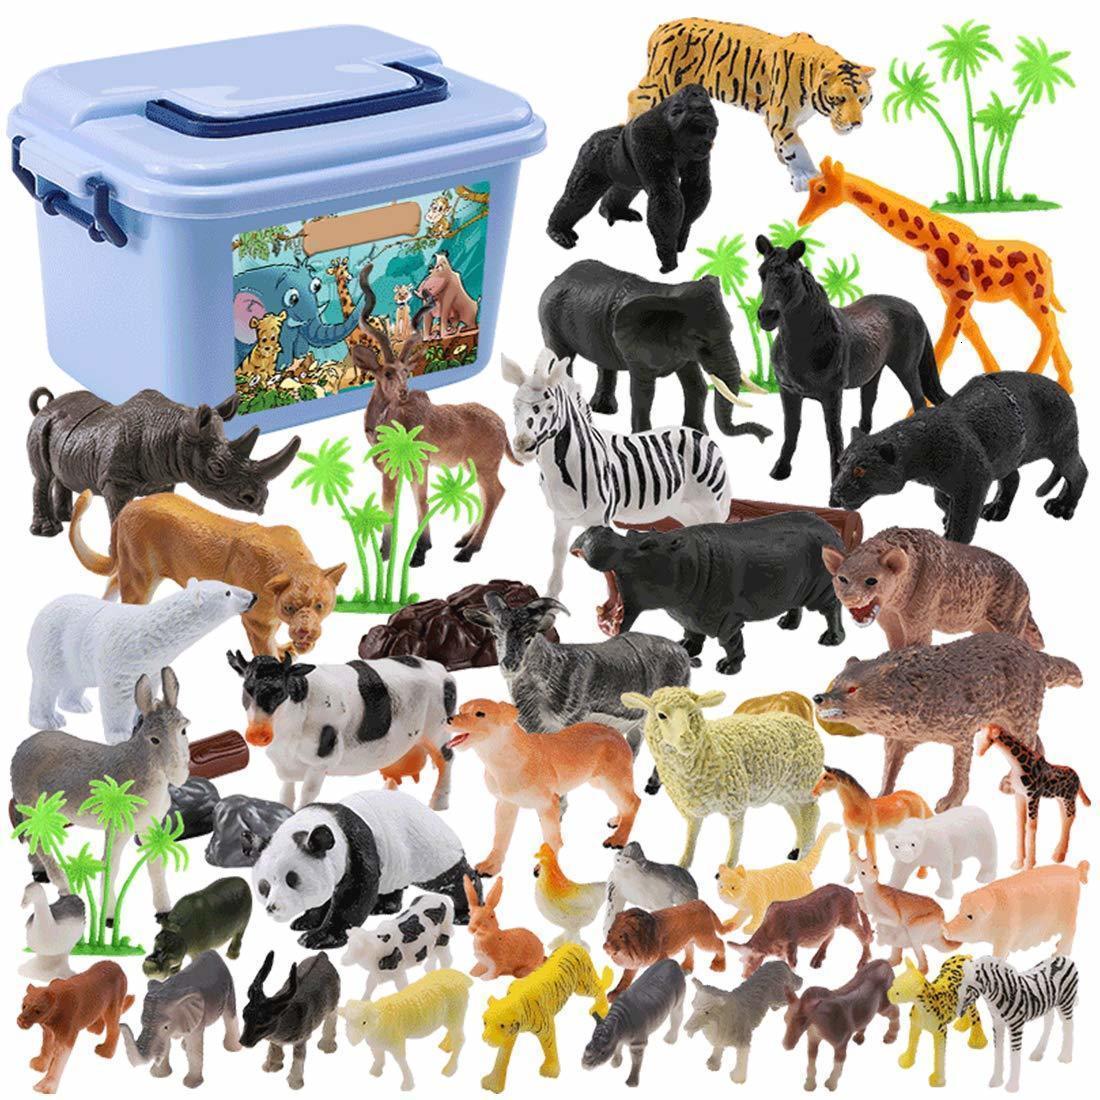 / Set mini selva animais brinquedos definir figuras de animais, zoológico do mundo, brinquedo da floresta para crianças com caixa forte LJ200922